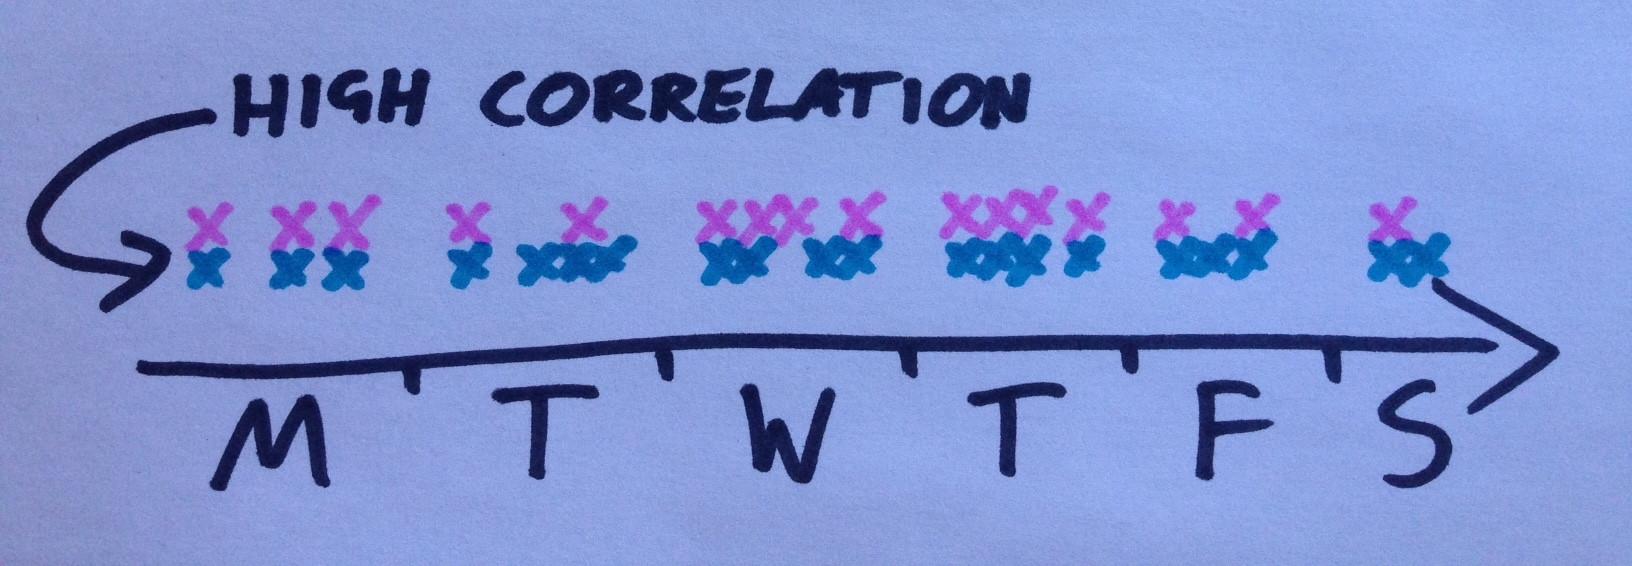 1507701305_whatsapptrackercorrelation.jpg